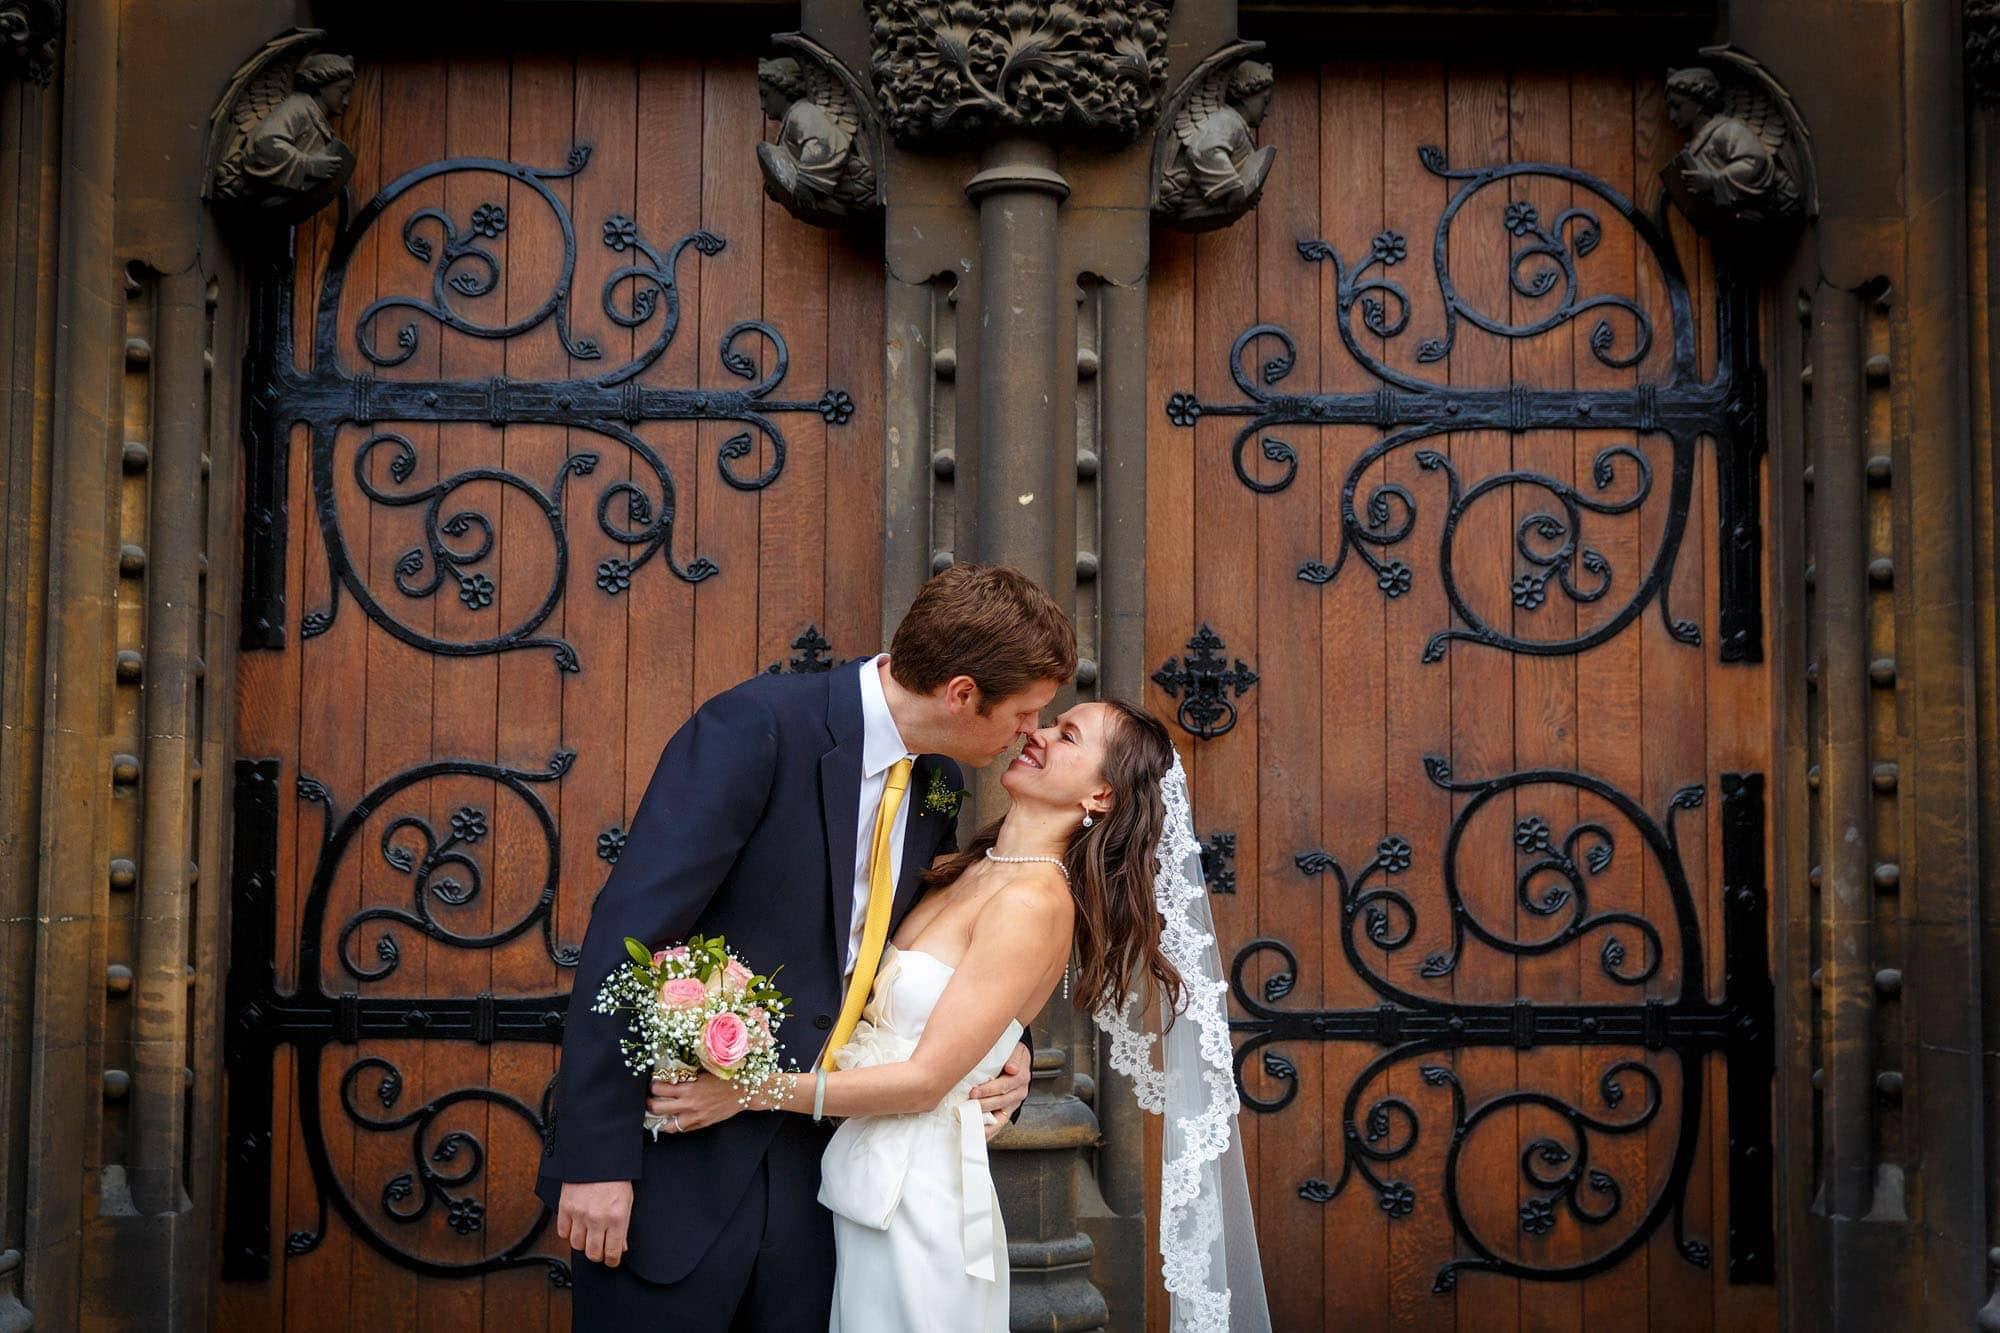 OLEM Cambridge wedding photography